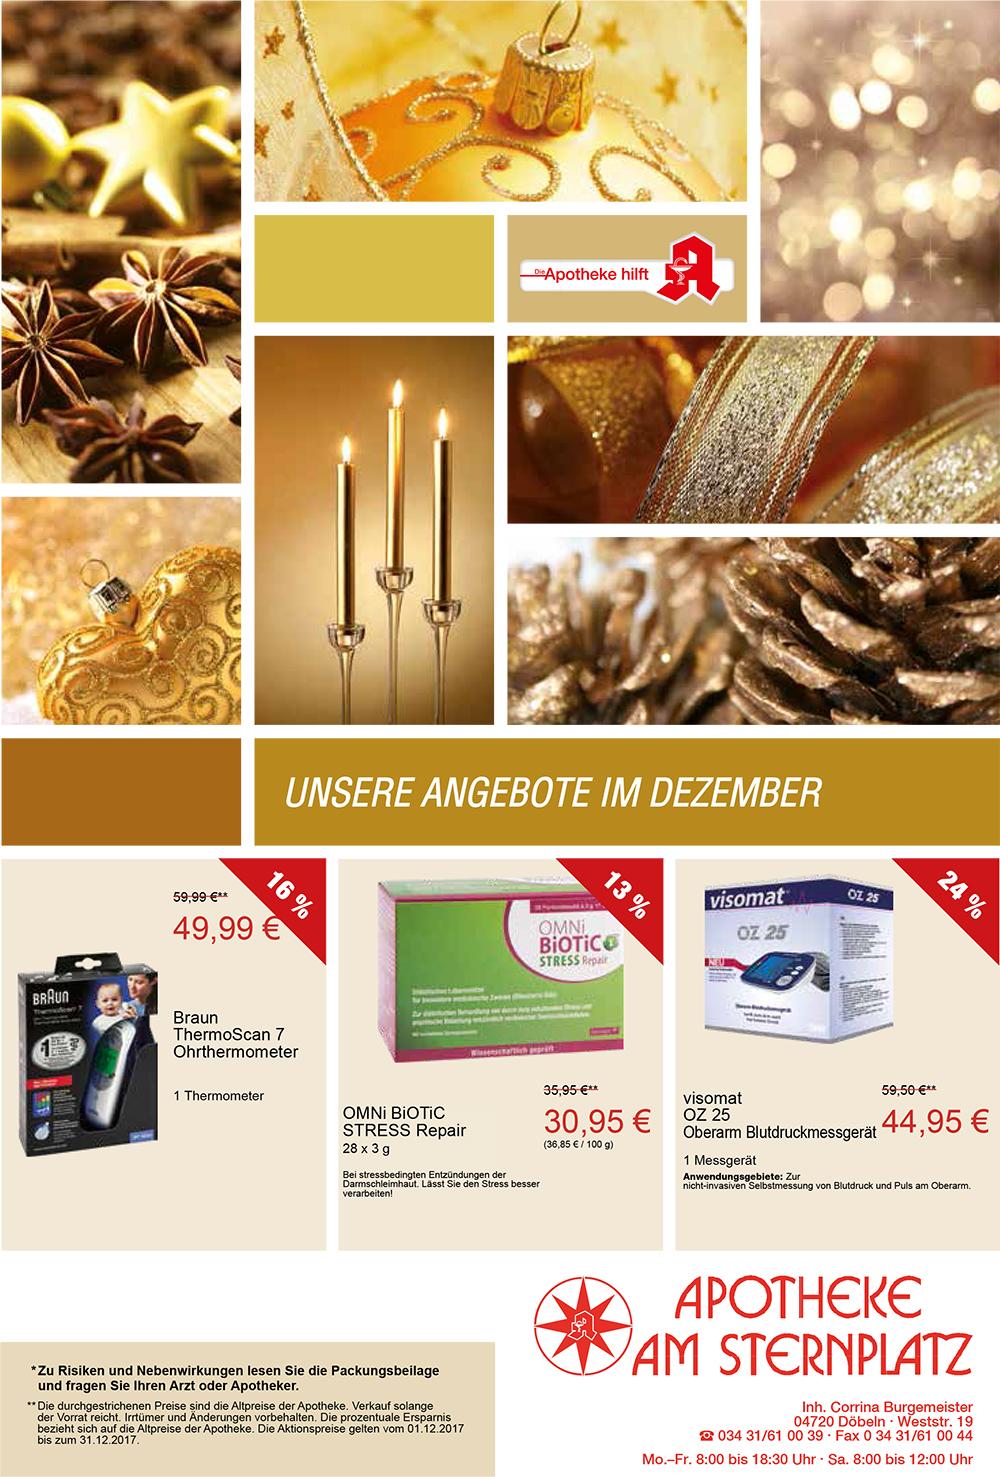 https://www-apotheken-de.apocdn.net/fileadmin/clubarea/00000-Angebote/04720_am_sternplatz_angebot_1.jpg